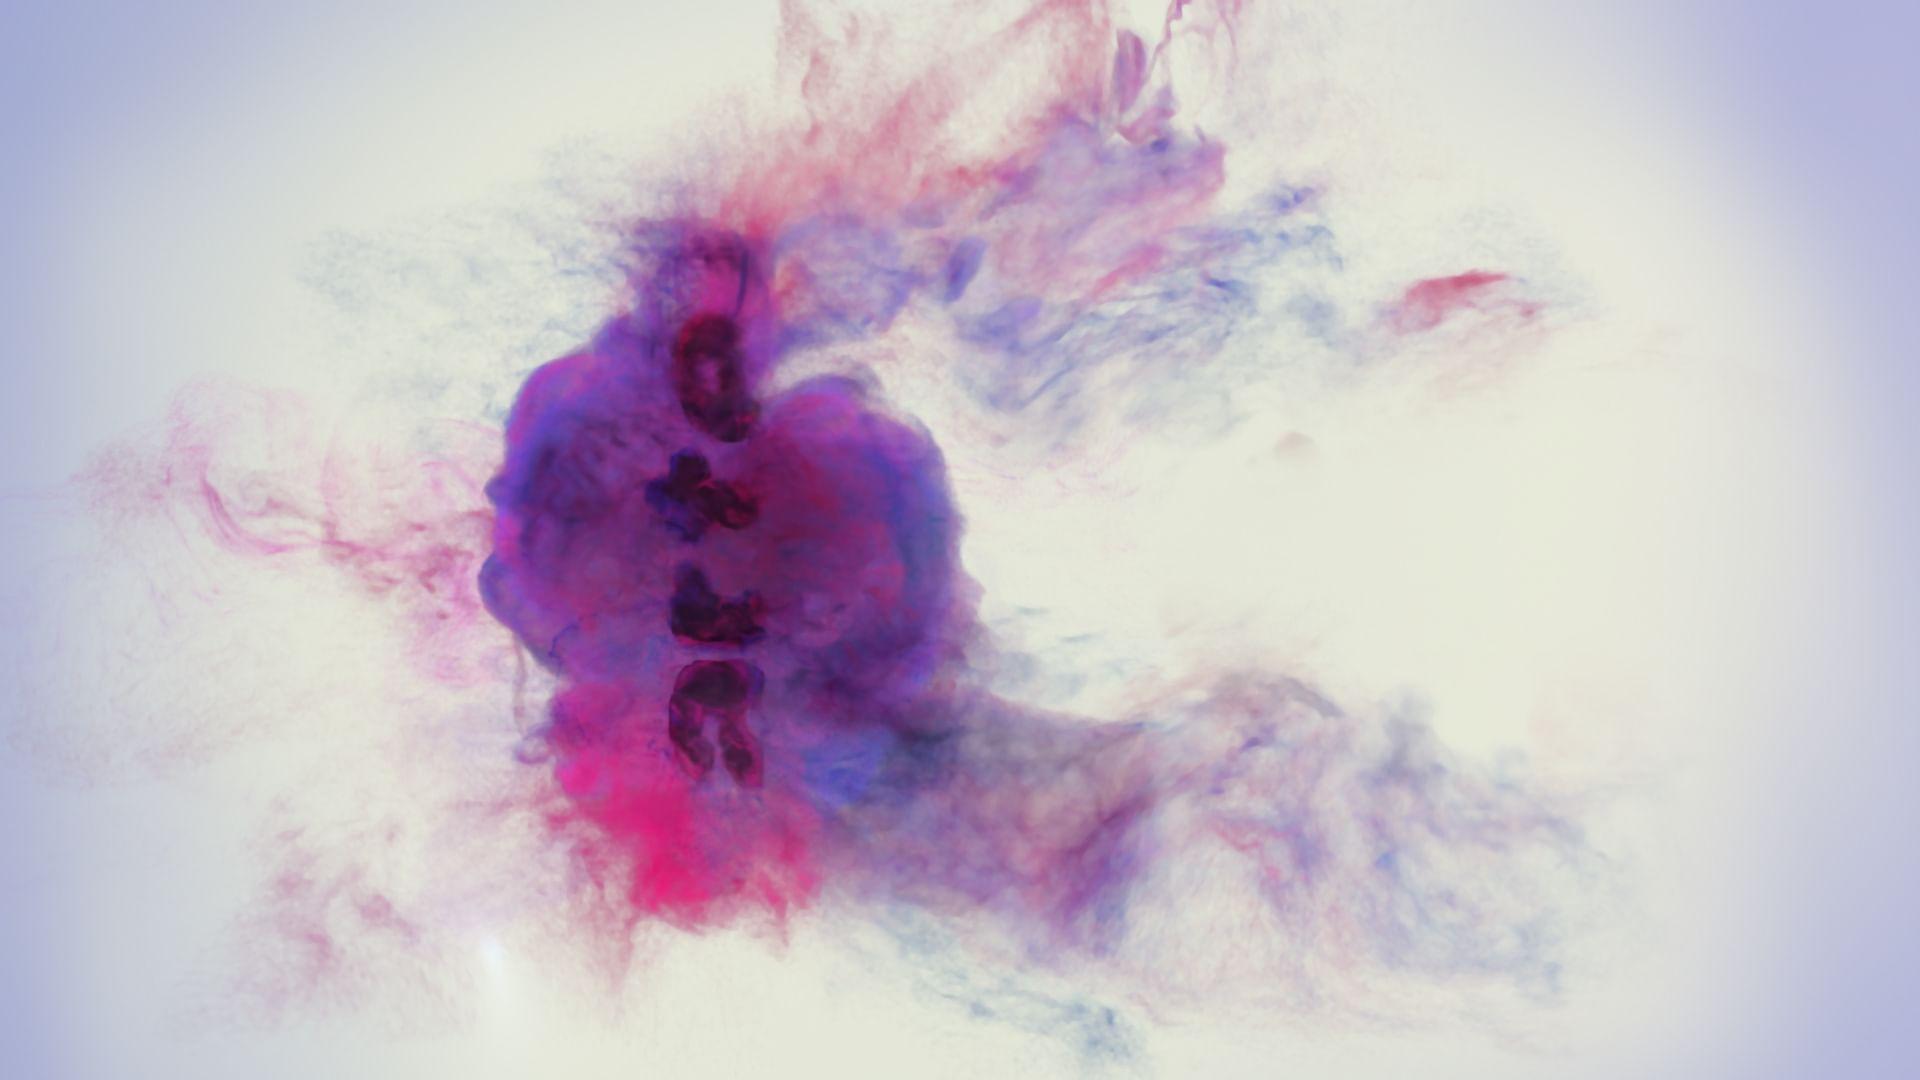 Street Photography (4/13)   Danny Lyon. Der Aufstand der Afroamerikaner